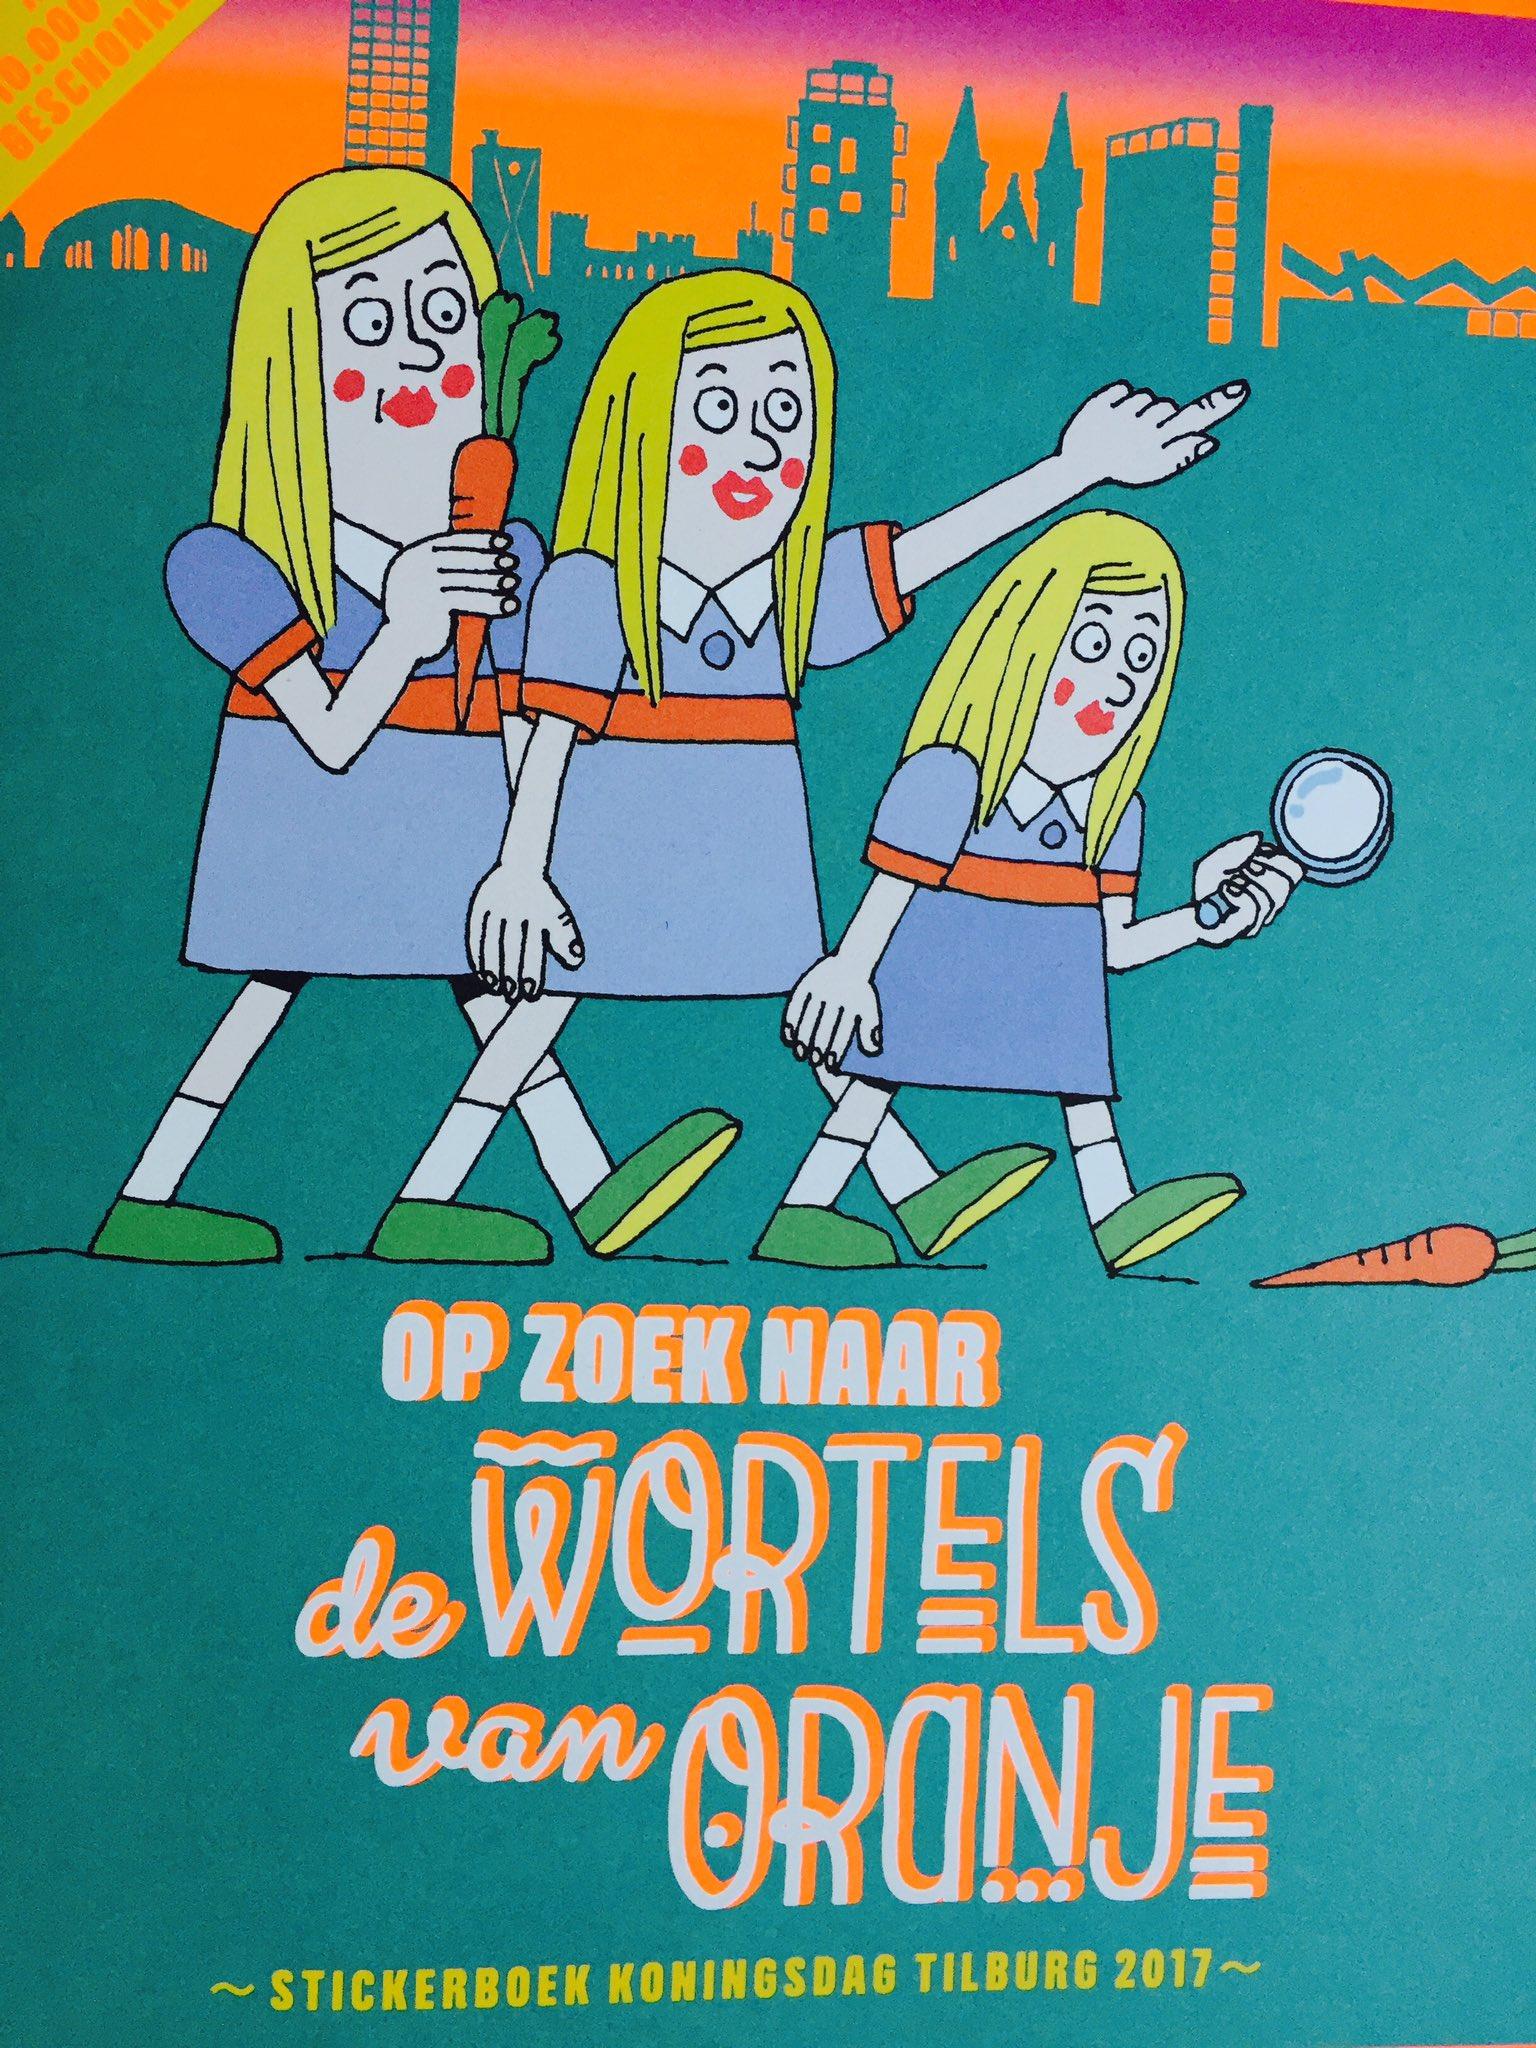 Gezellige zaterdagmiddag bij bibliotheek Heyhoef #stickerboek013 @stickerruilbeurs  Heb jij je boek al vol? https://t.co/6RrfJqnYl5